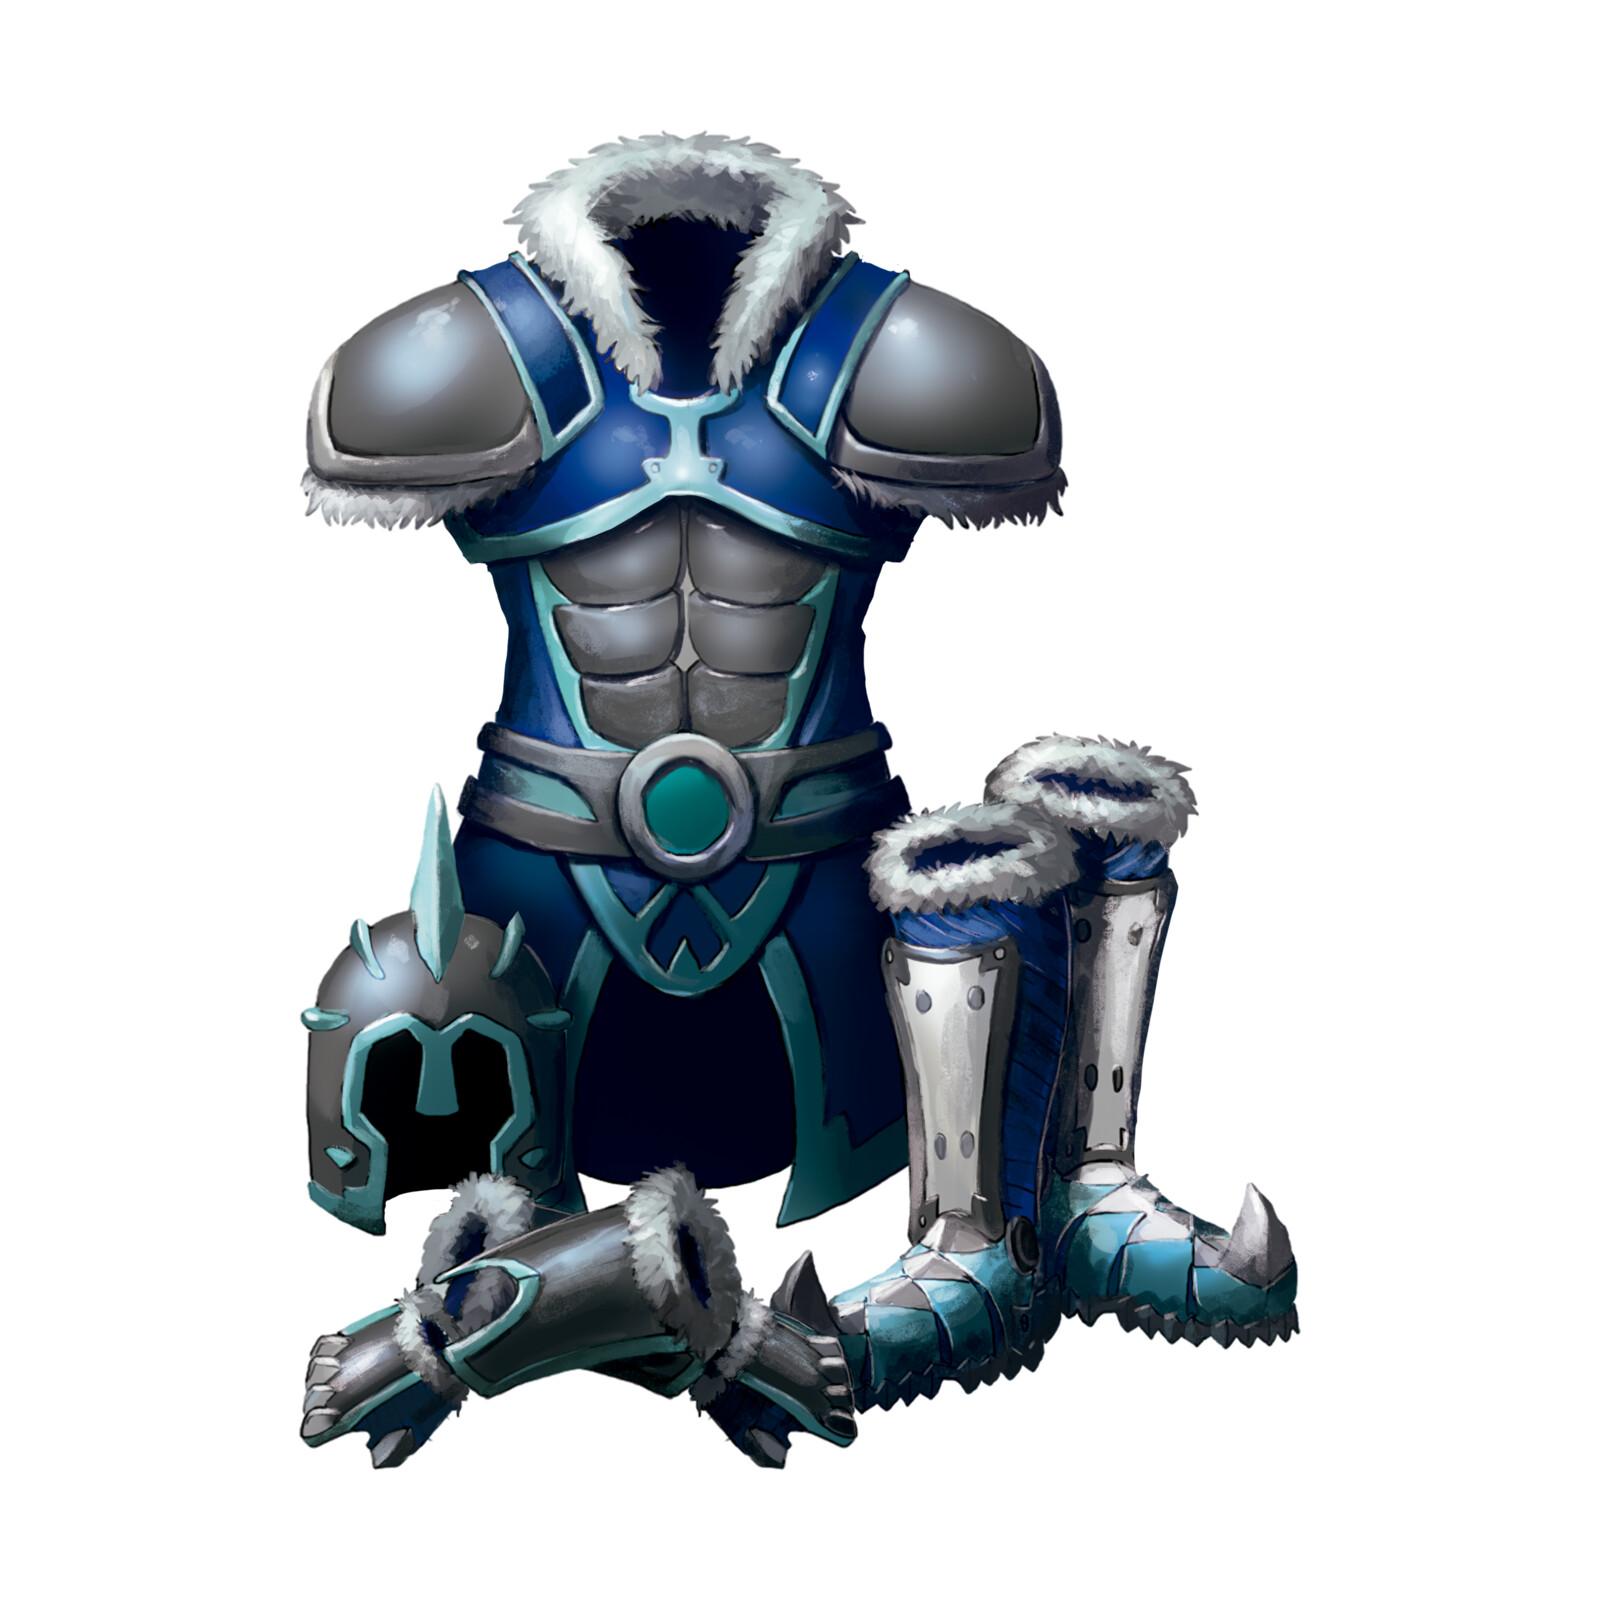 Ice Heart Armor